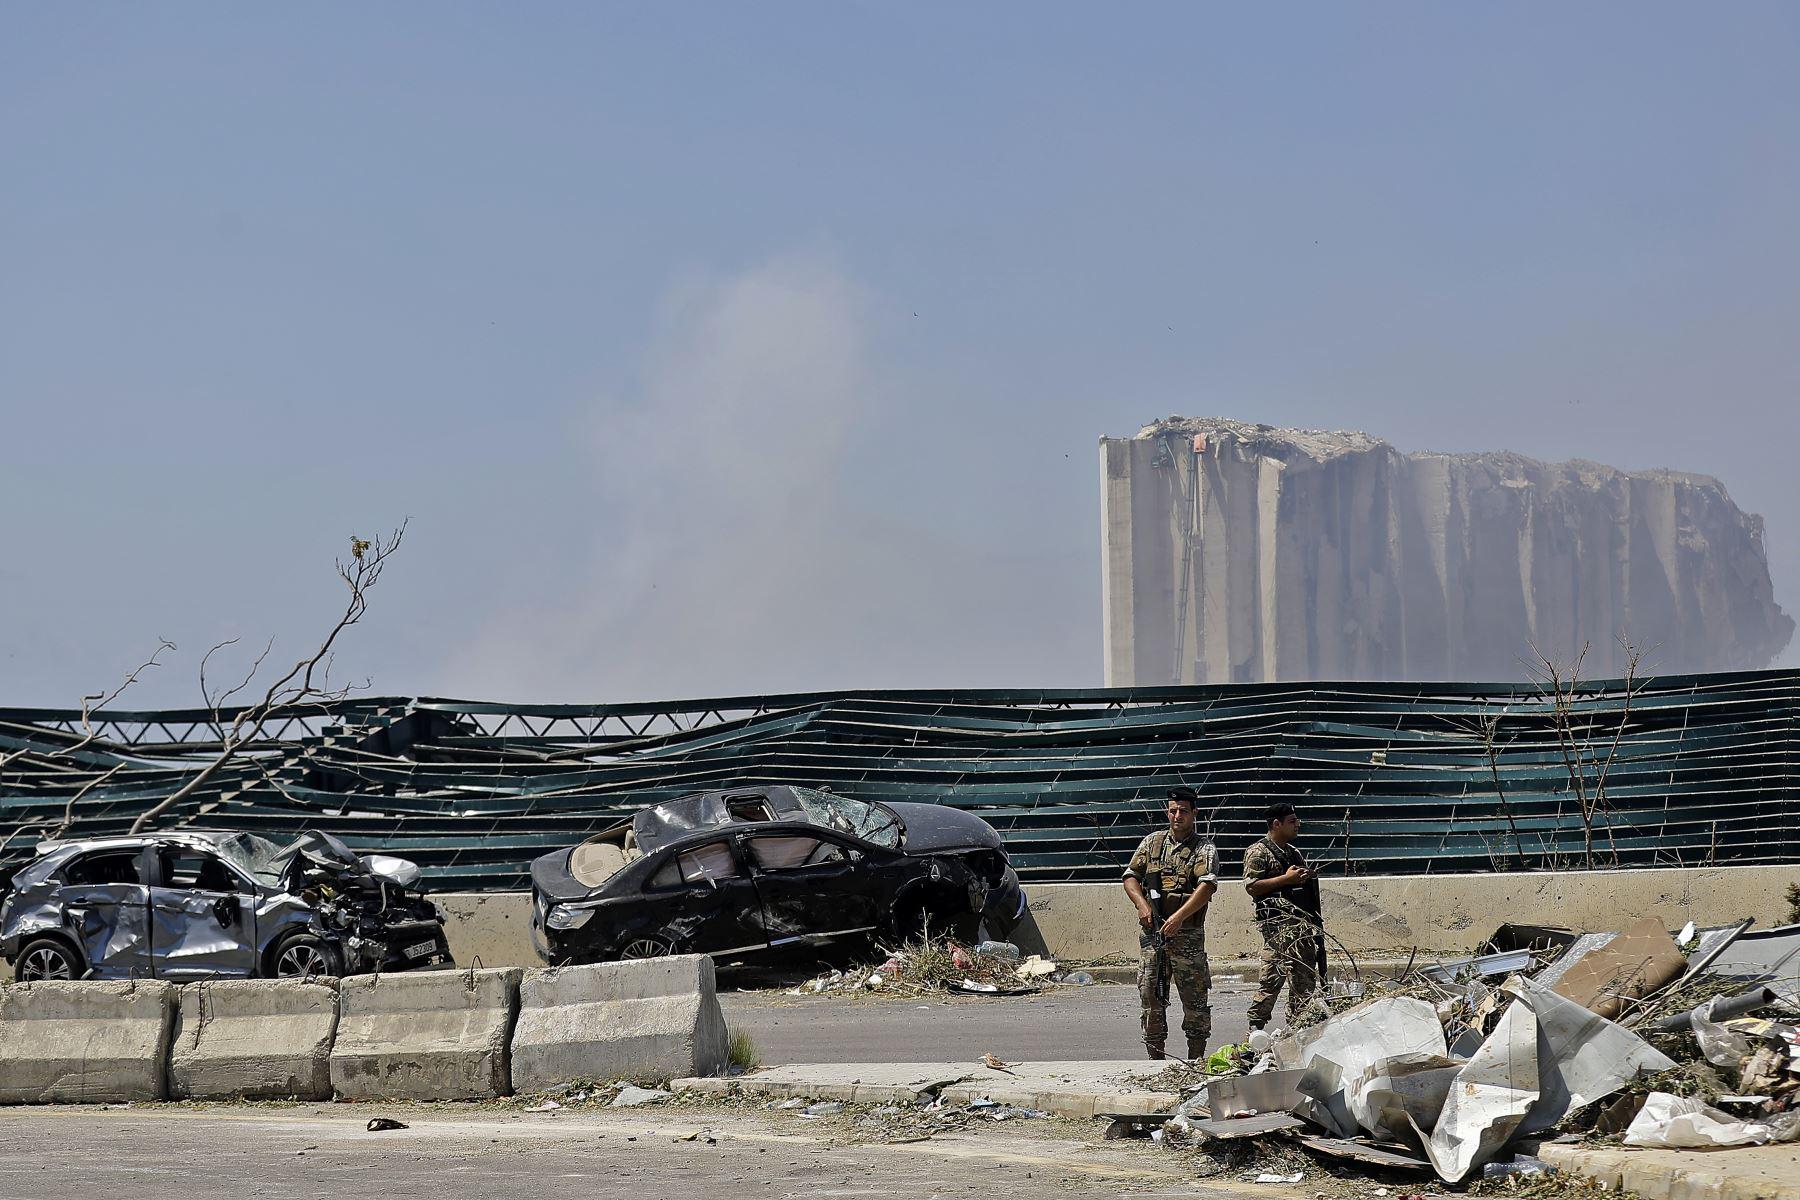 La explosión ocasionó grandes daños en propiedades de la zona y en vehículos. Grupos militares custodia la zona. Foto: AFP